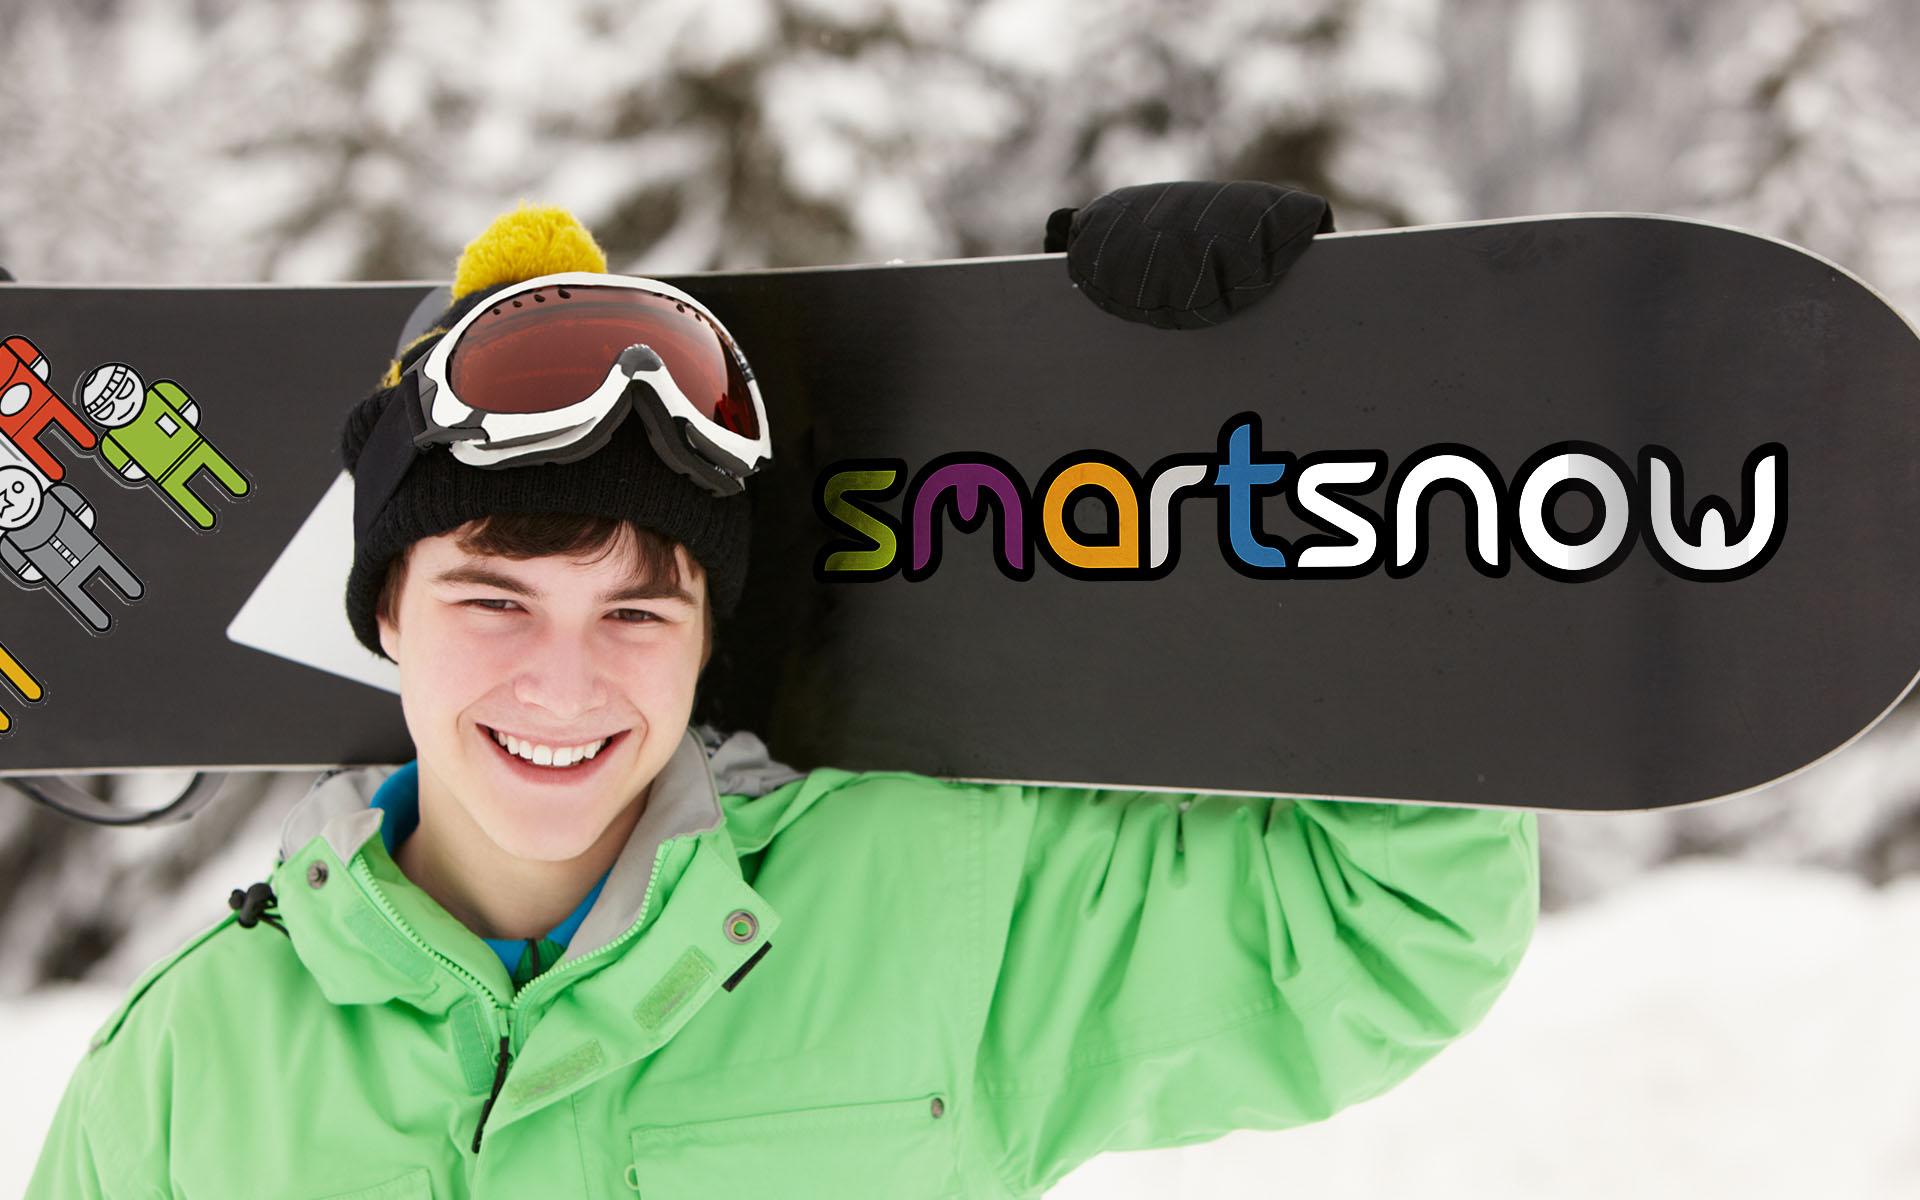 smartsnow_6 копия